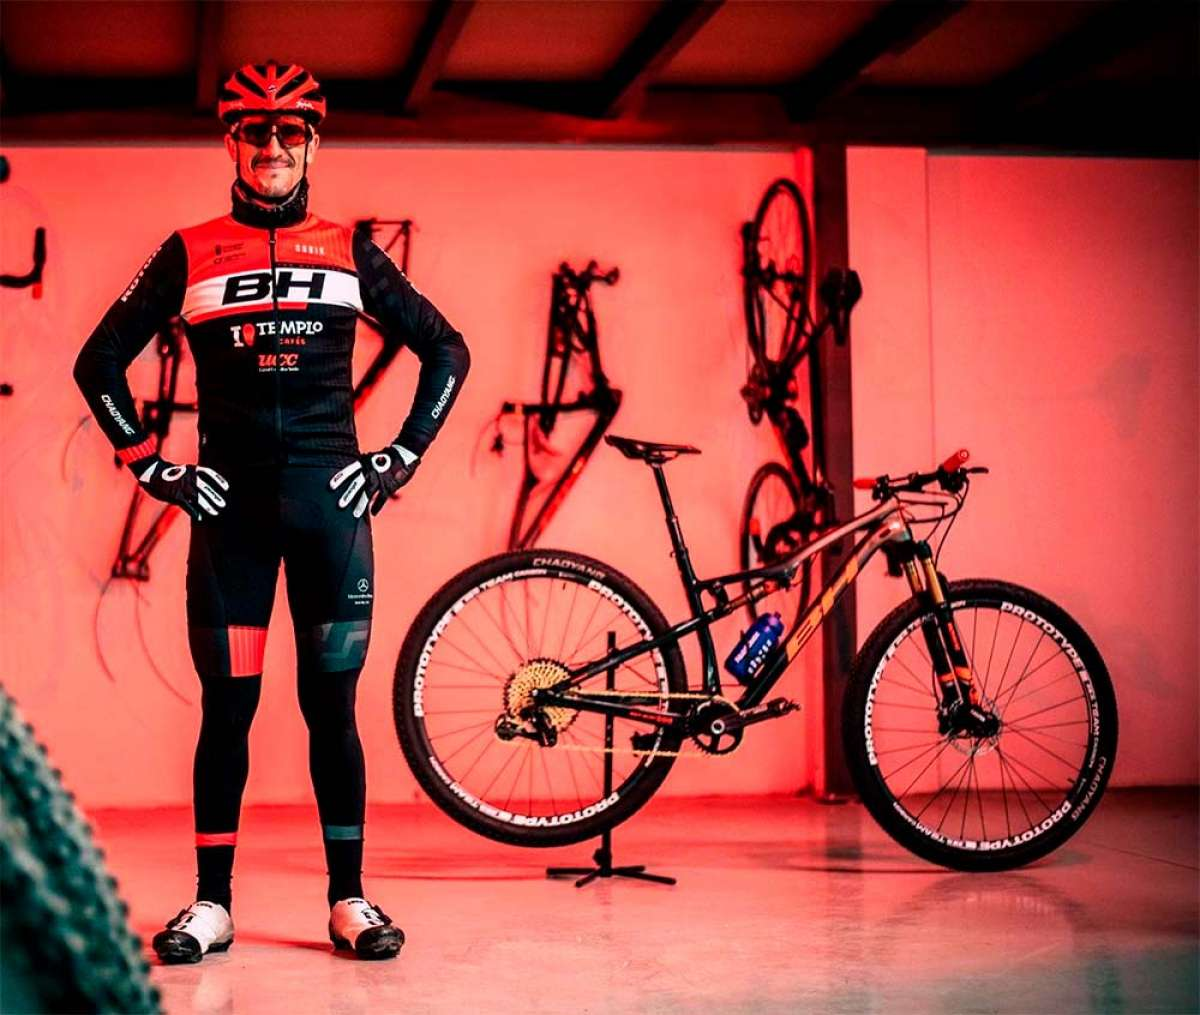 El BH Templo Cafés UCC de Carlos Coloma debuta en la Costa Blanca Bike Race 2019